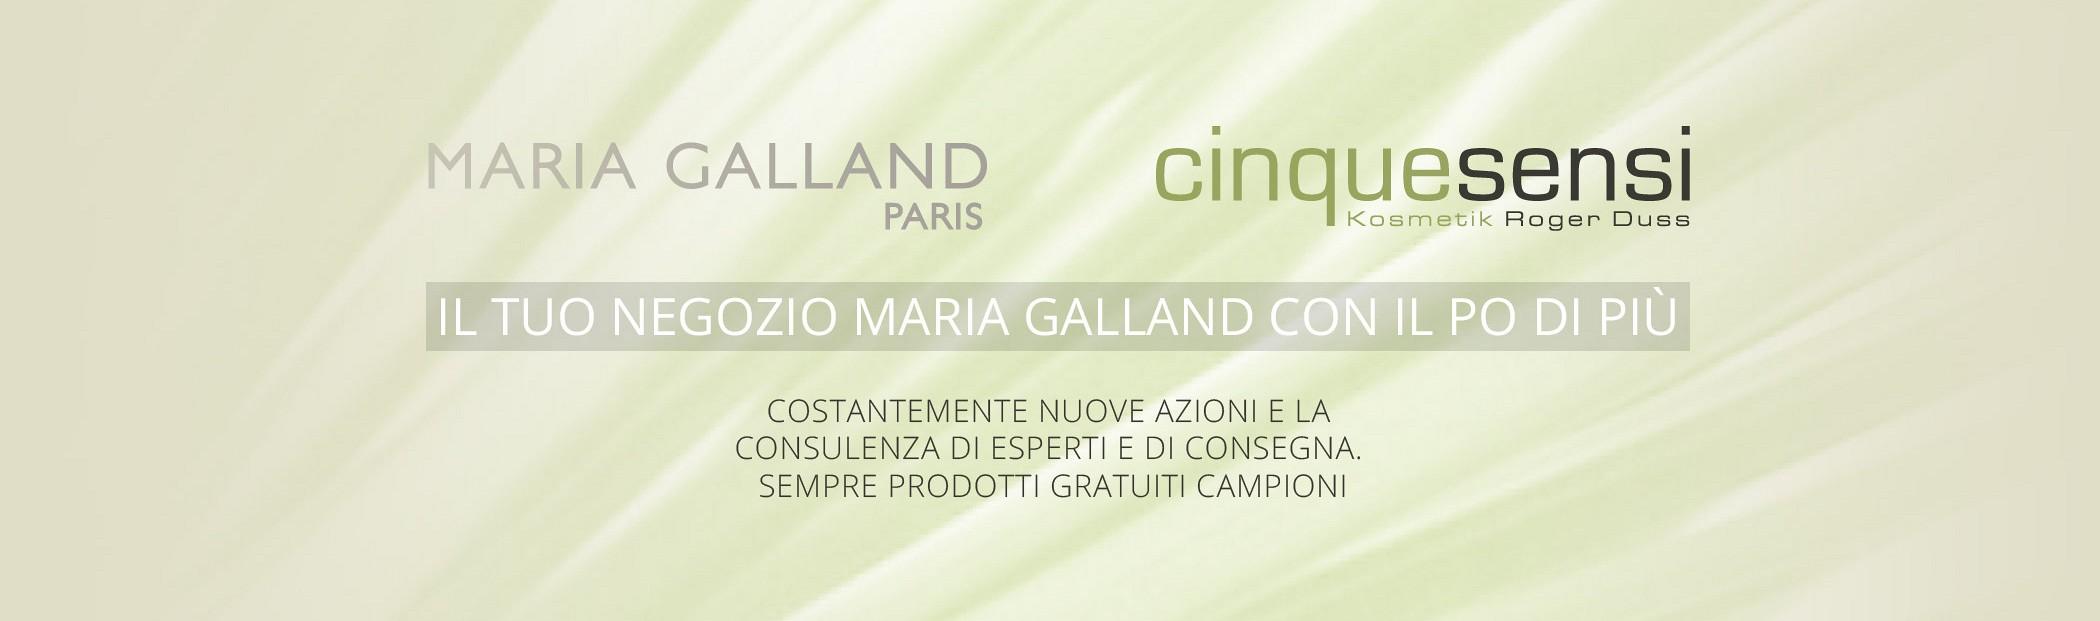 Slideshow Shop mit dem etwas mehr italiensich